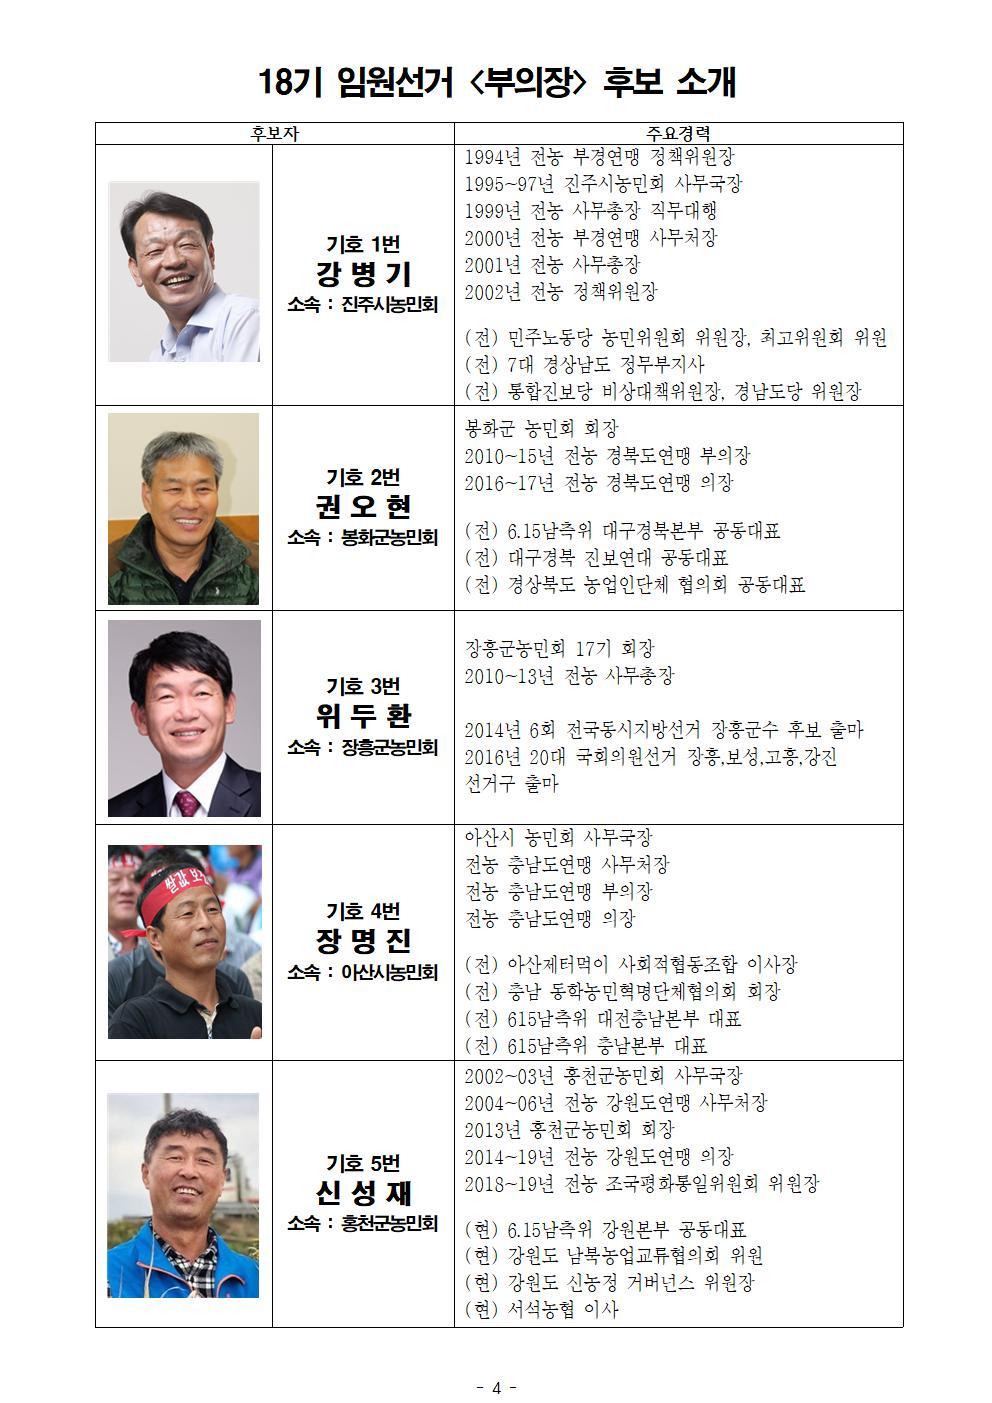 200203_18기_임원선거_선거공보004.jpg